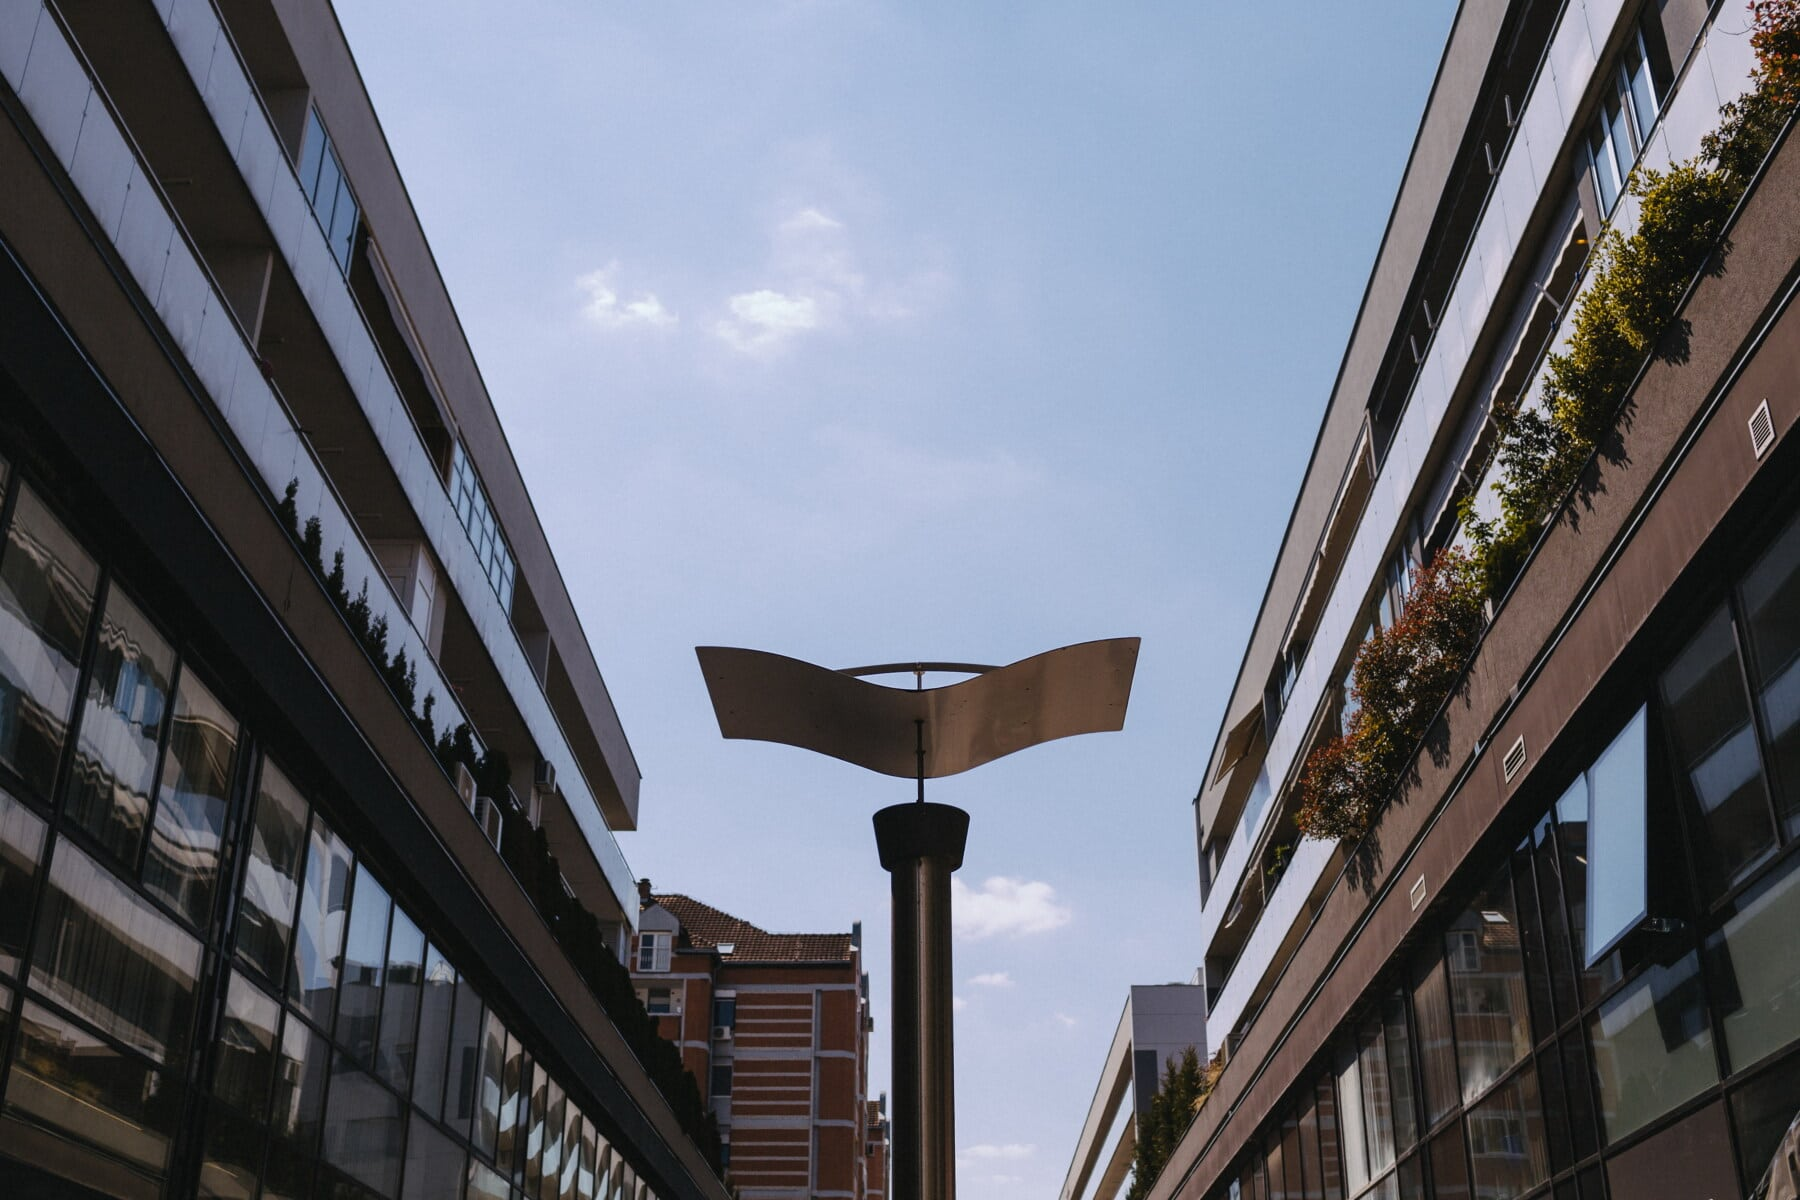 moderne, Lampe, Straße, Urban, Balkon, Stadt, Gebäude, Architektur, Struktur, Bau